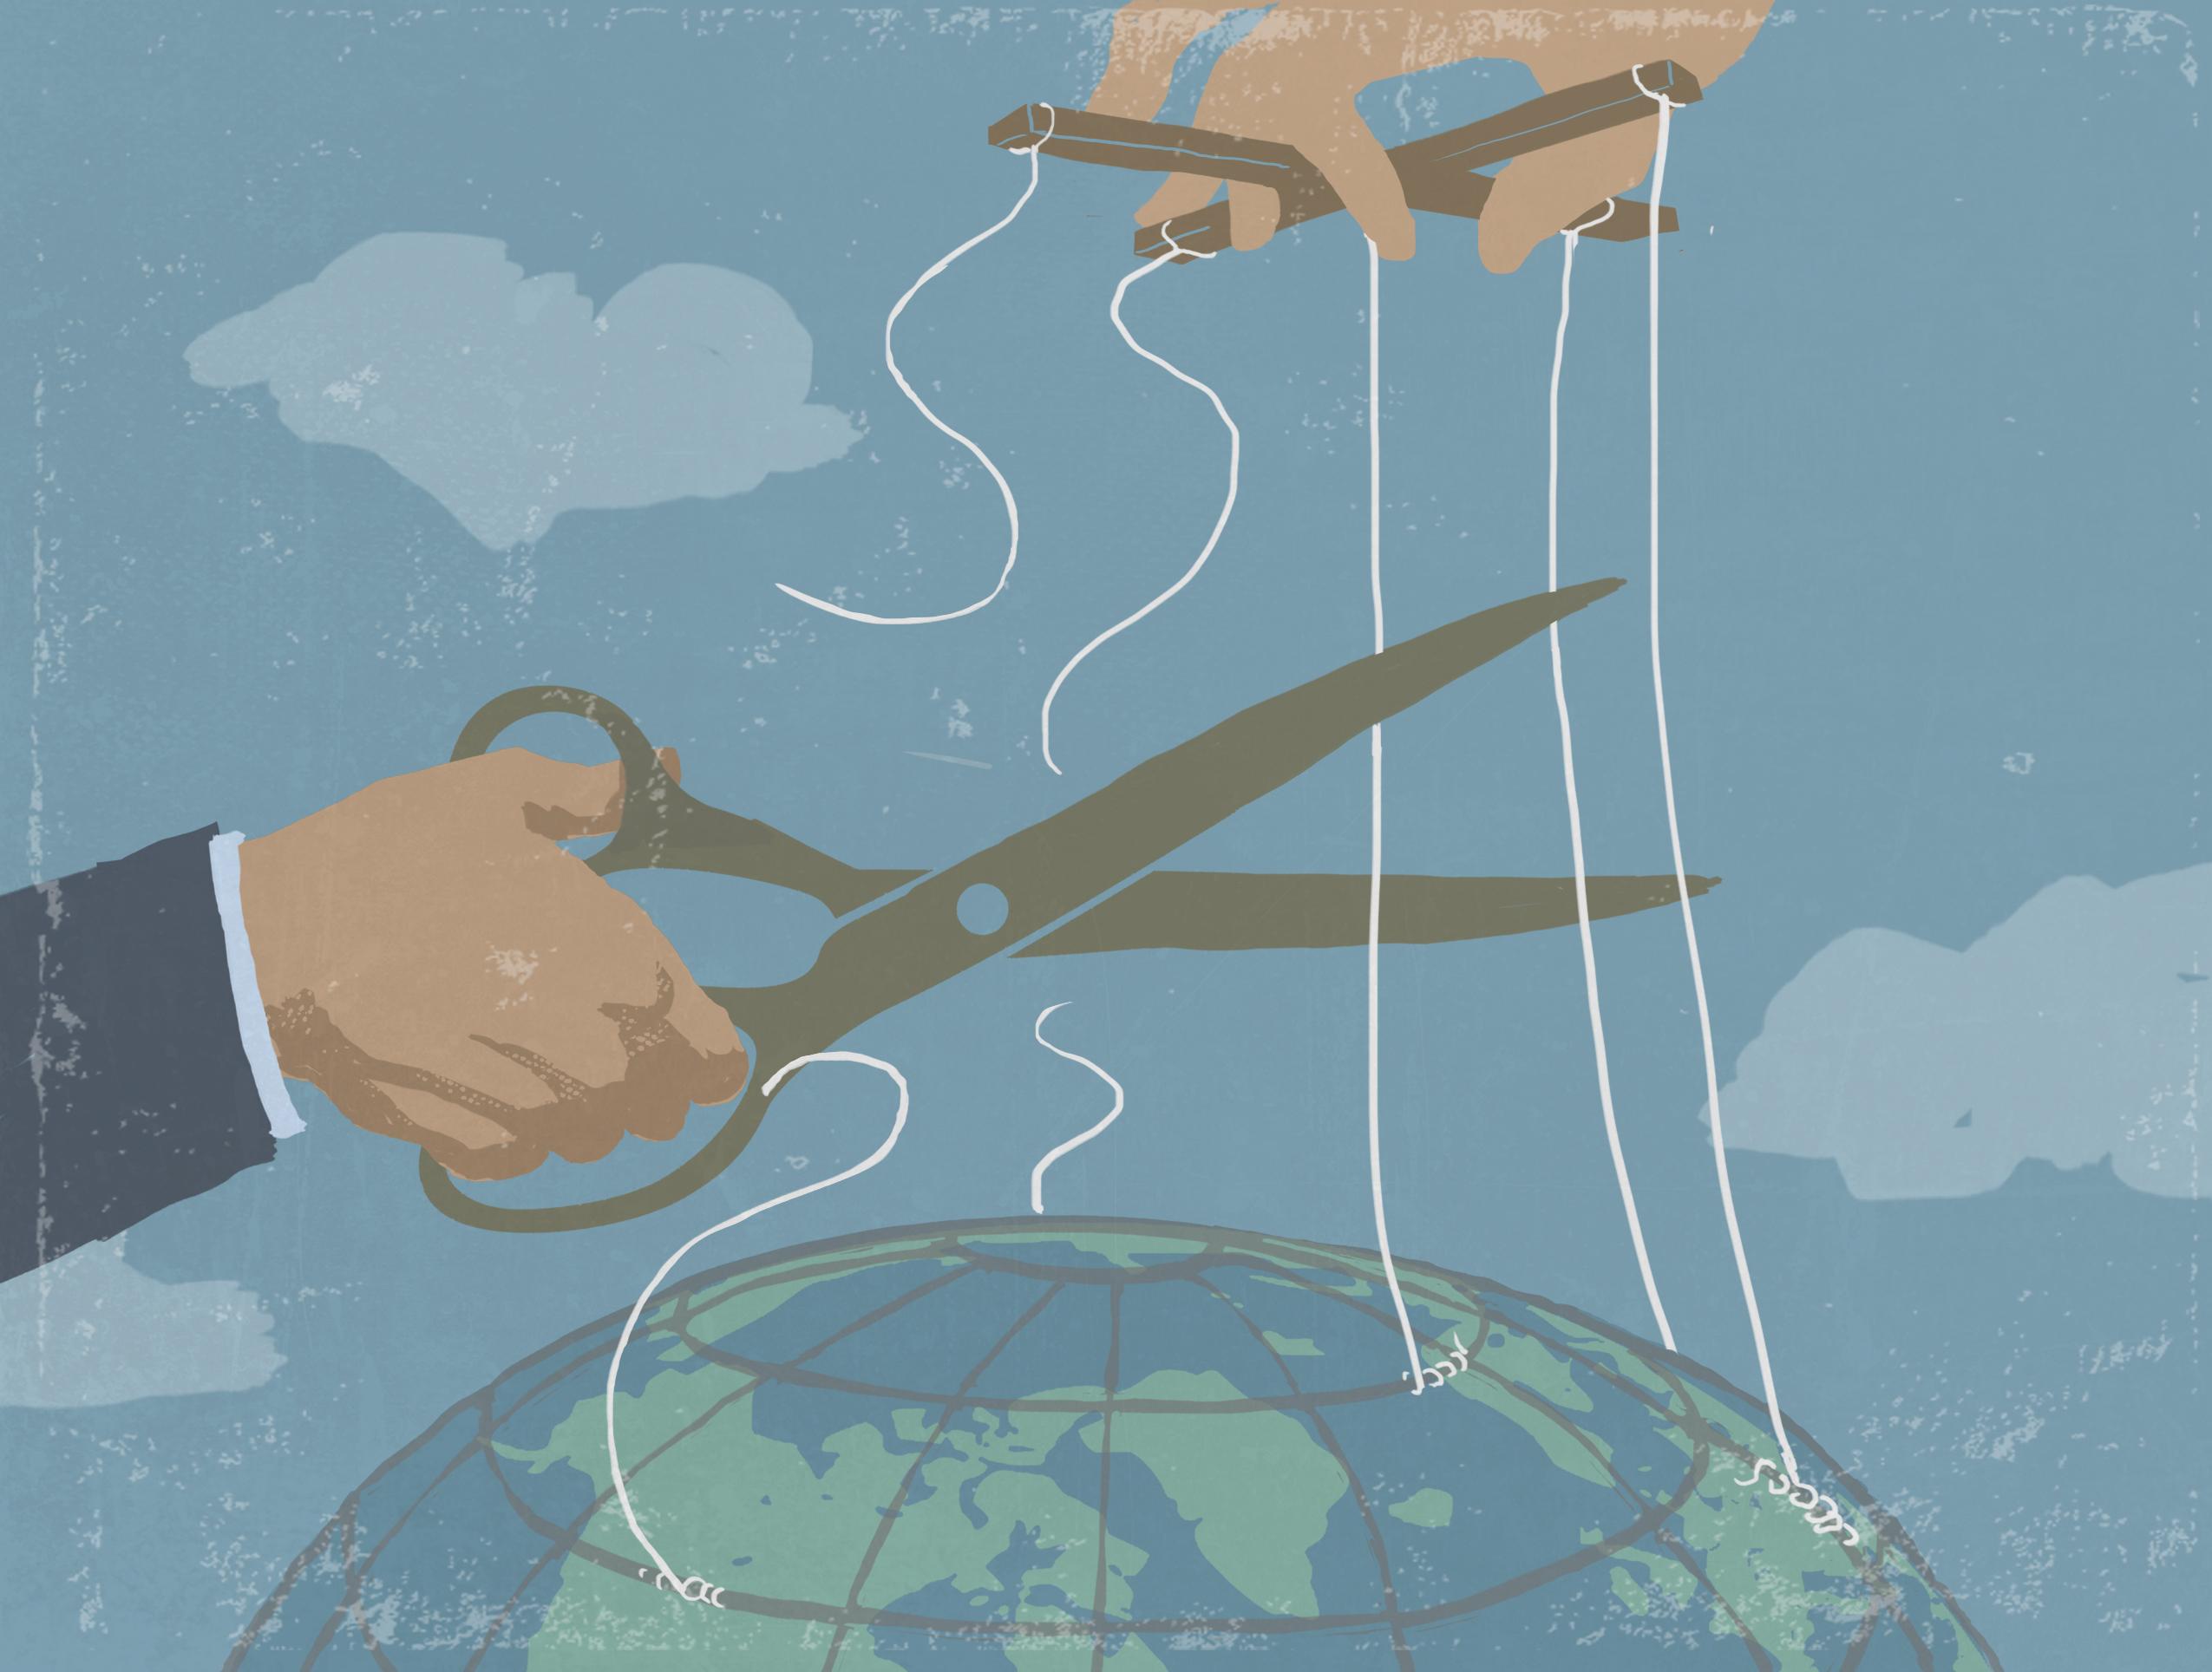 Ejes de reflexión sobre el problema de la soberanía